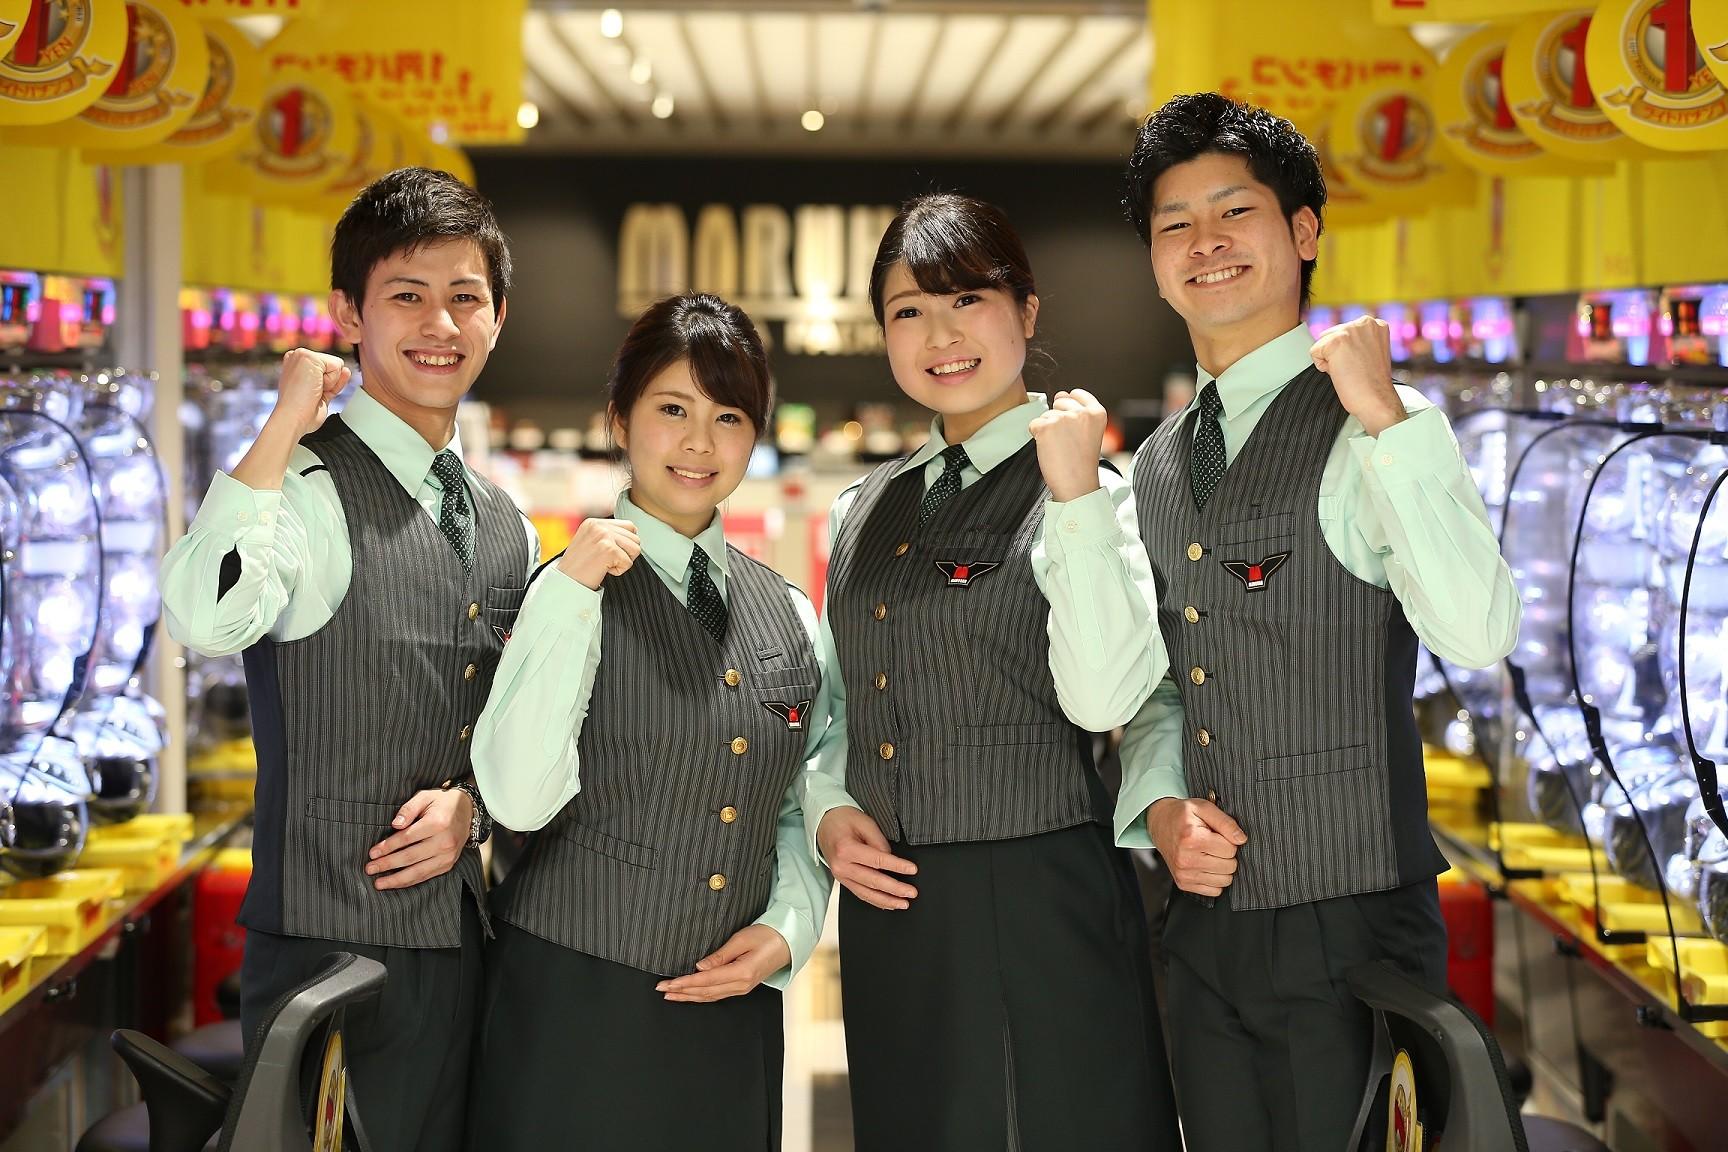 マルハン 下松店[3502]のアルバイト情報